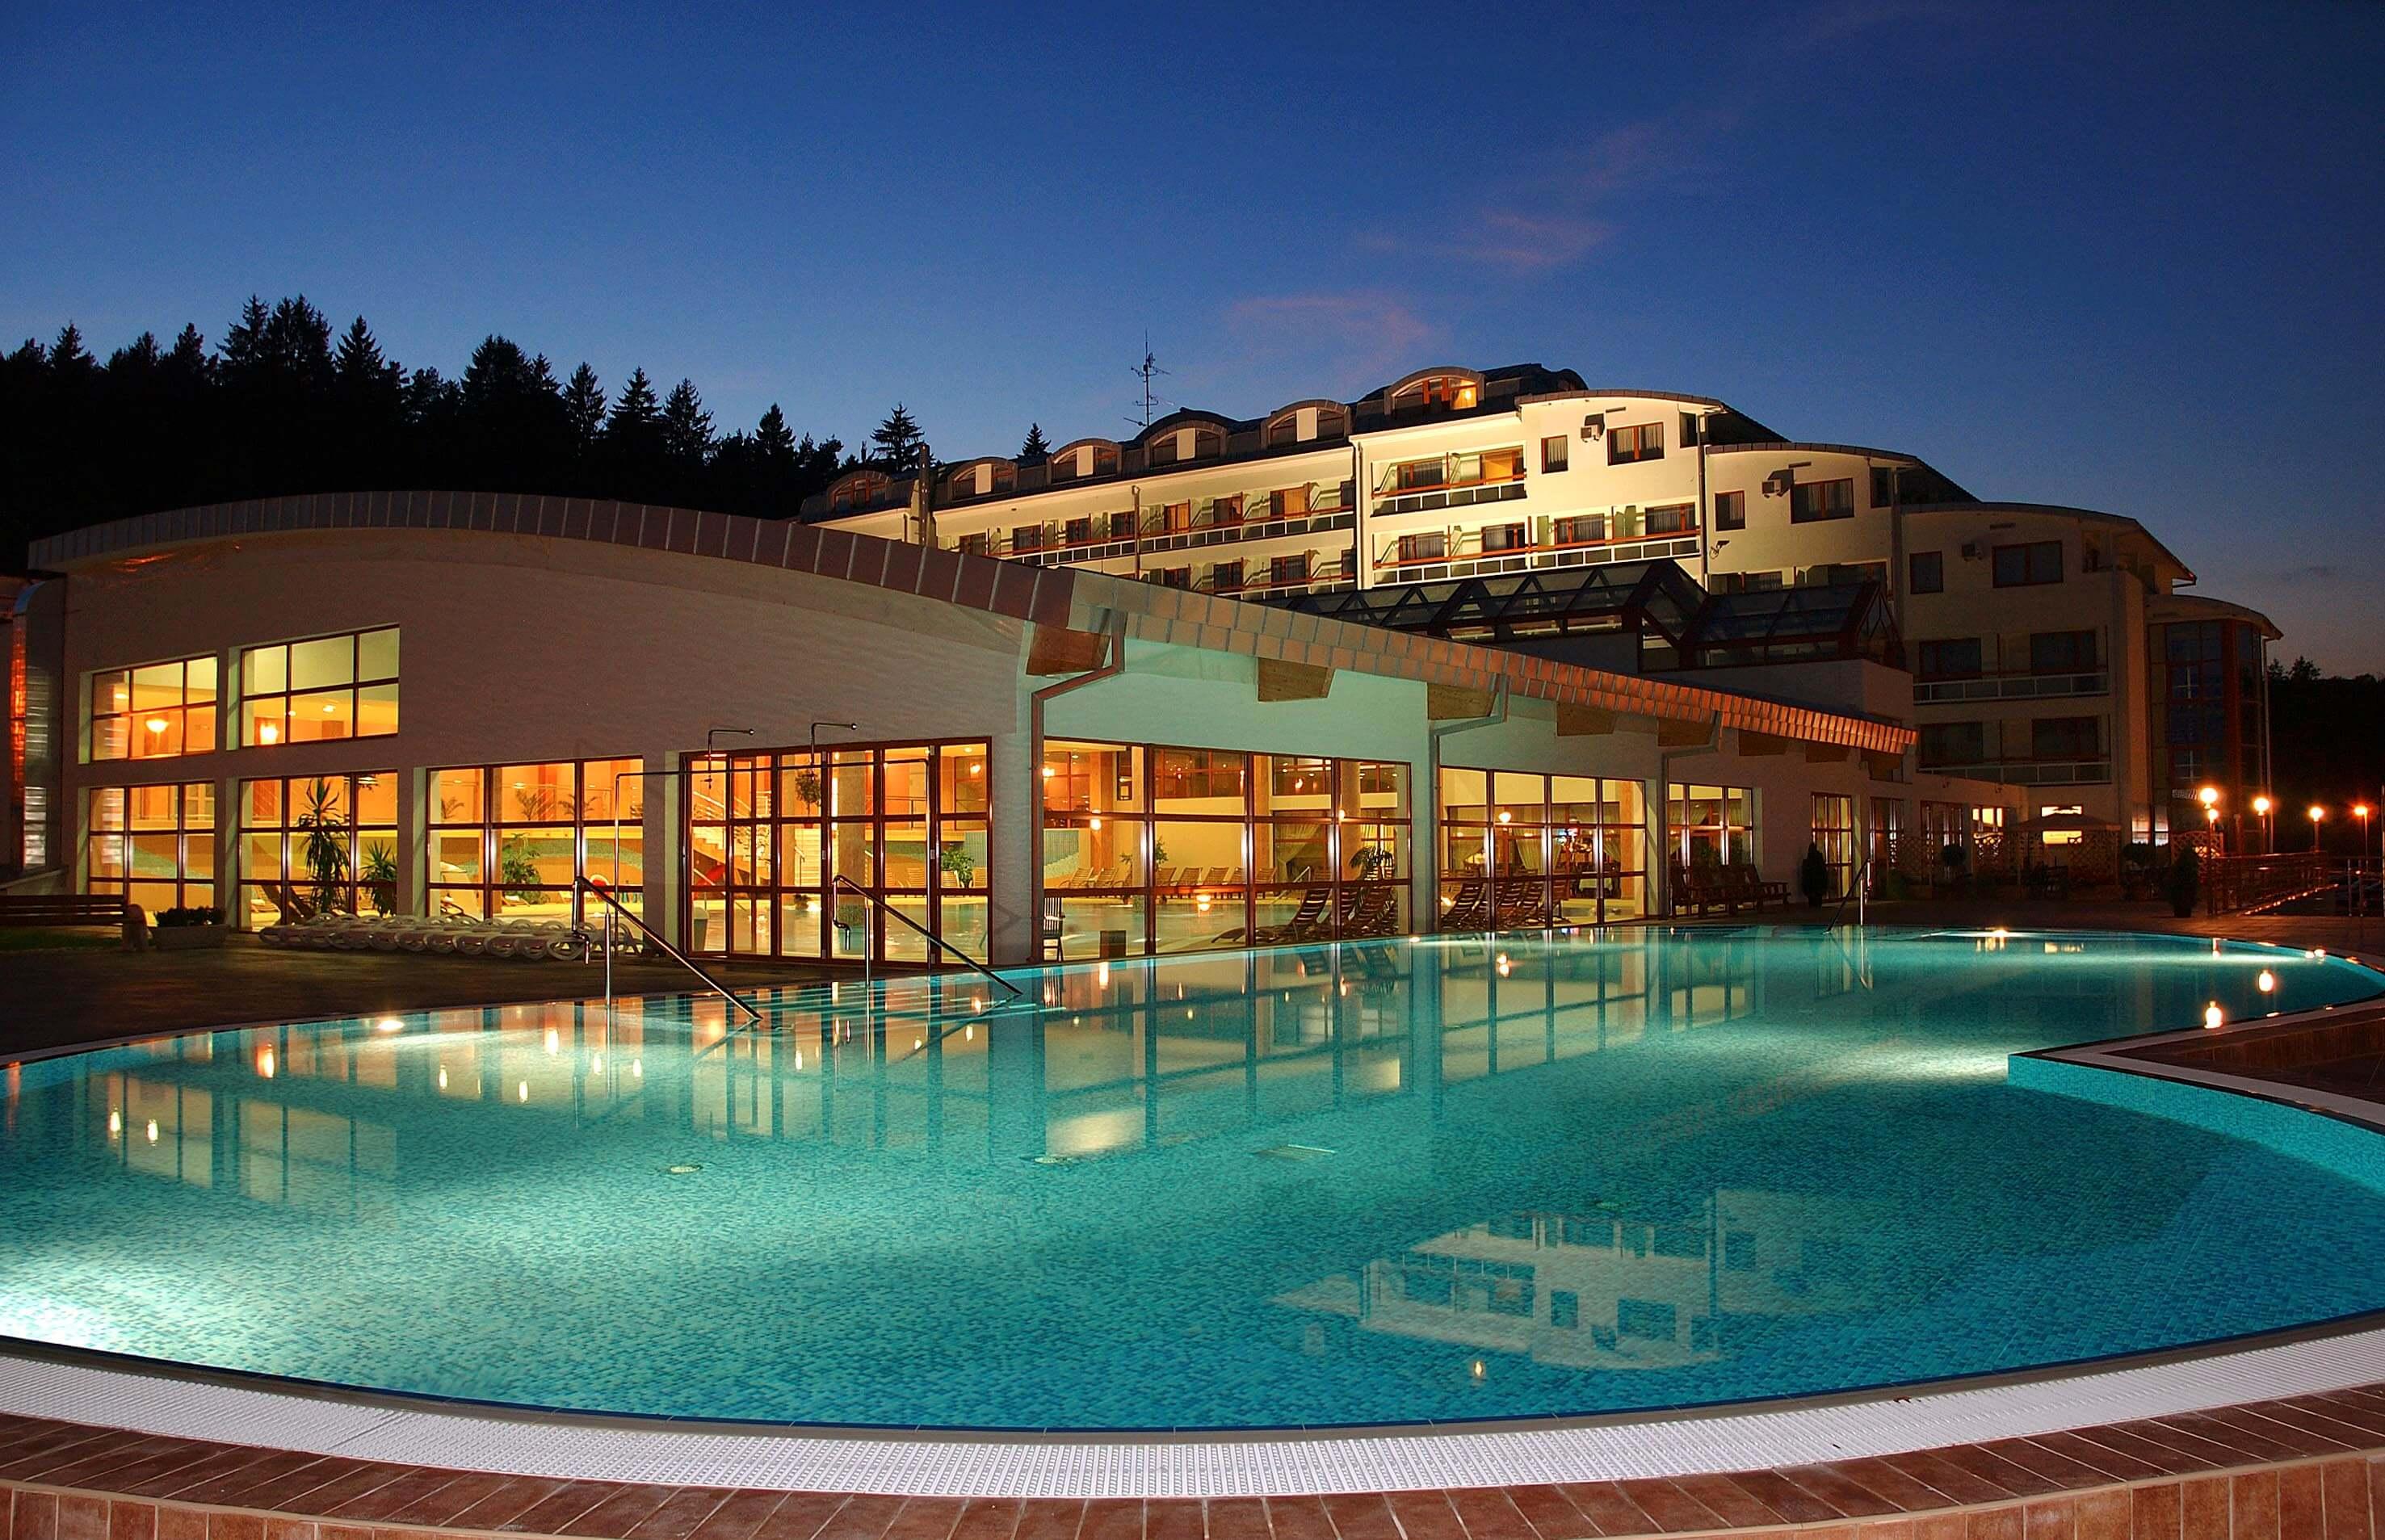 Hotel a Spa Resort Kaskady s vonkajším bazénom